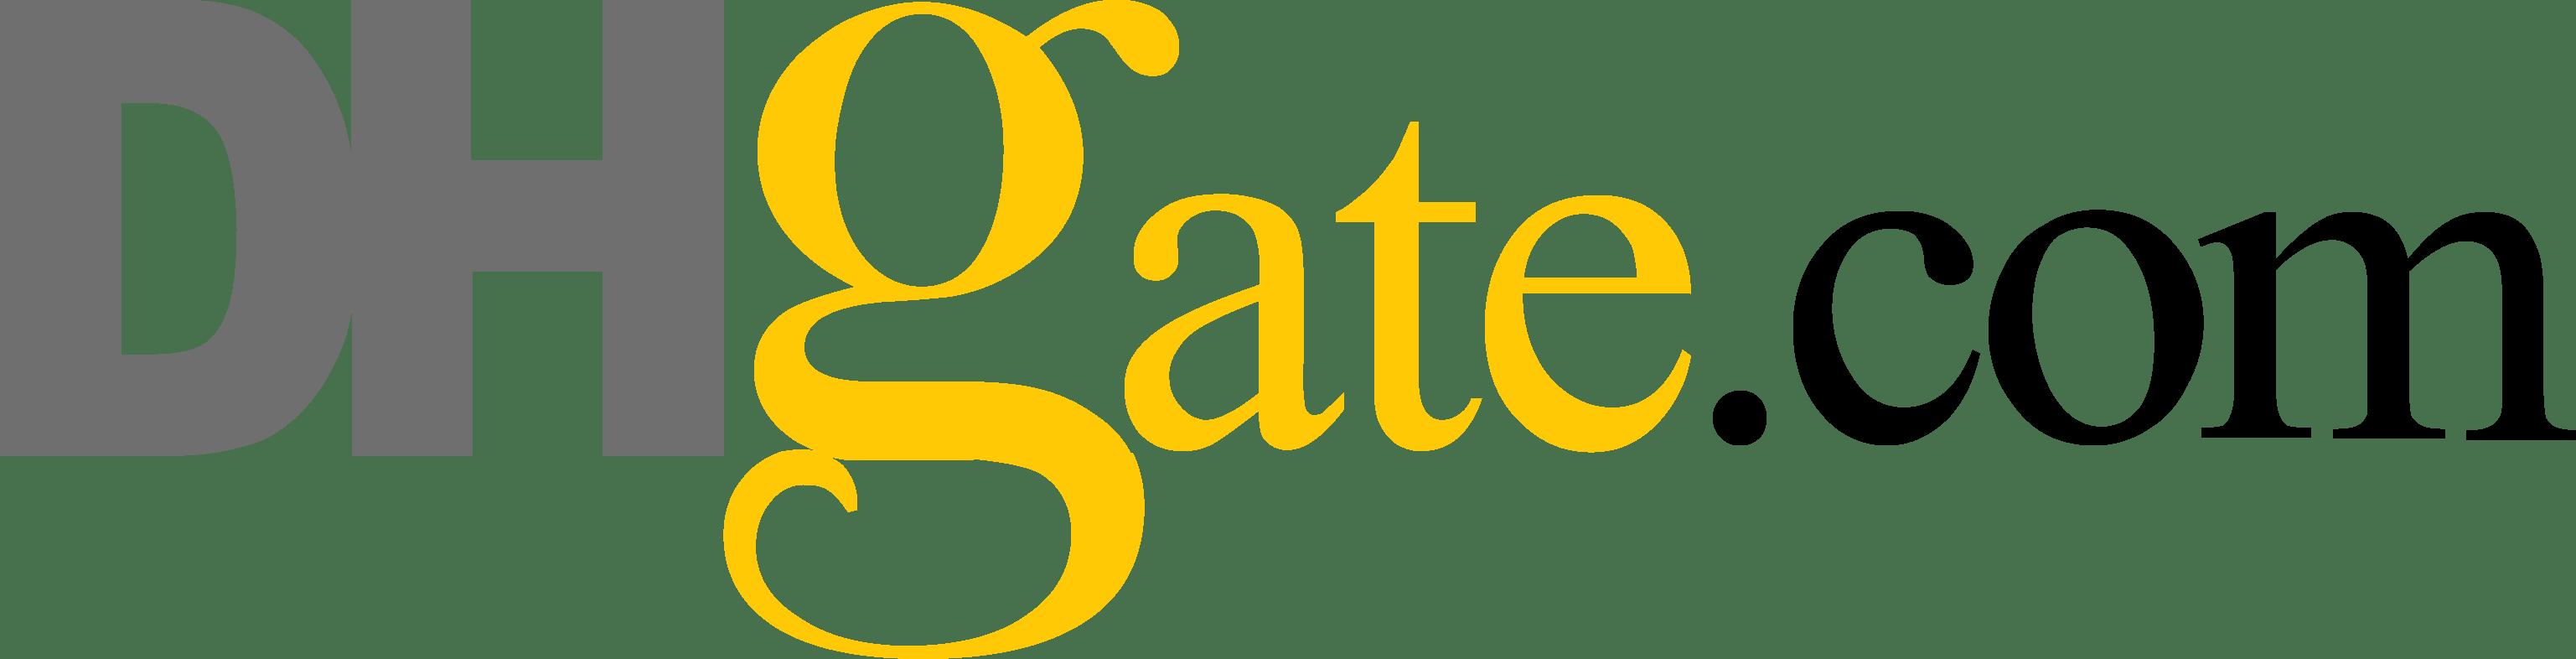 Dhgate Logo png